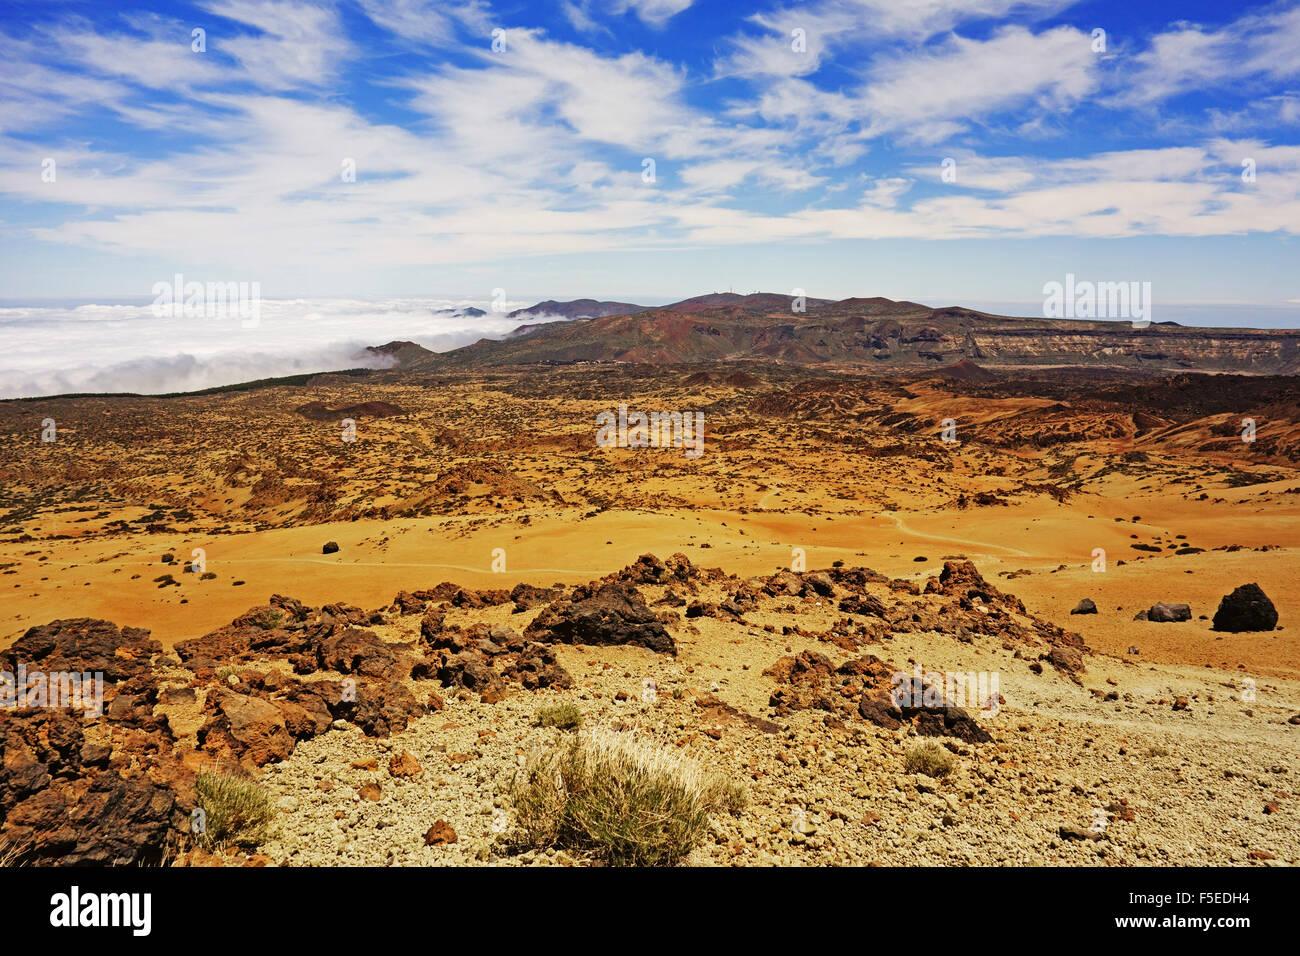 Las Canadas, Parque Nacional del Teide, Teneriffa, Kanarische Inseln, Spanien, Atlantik, Europa Stockfoto